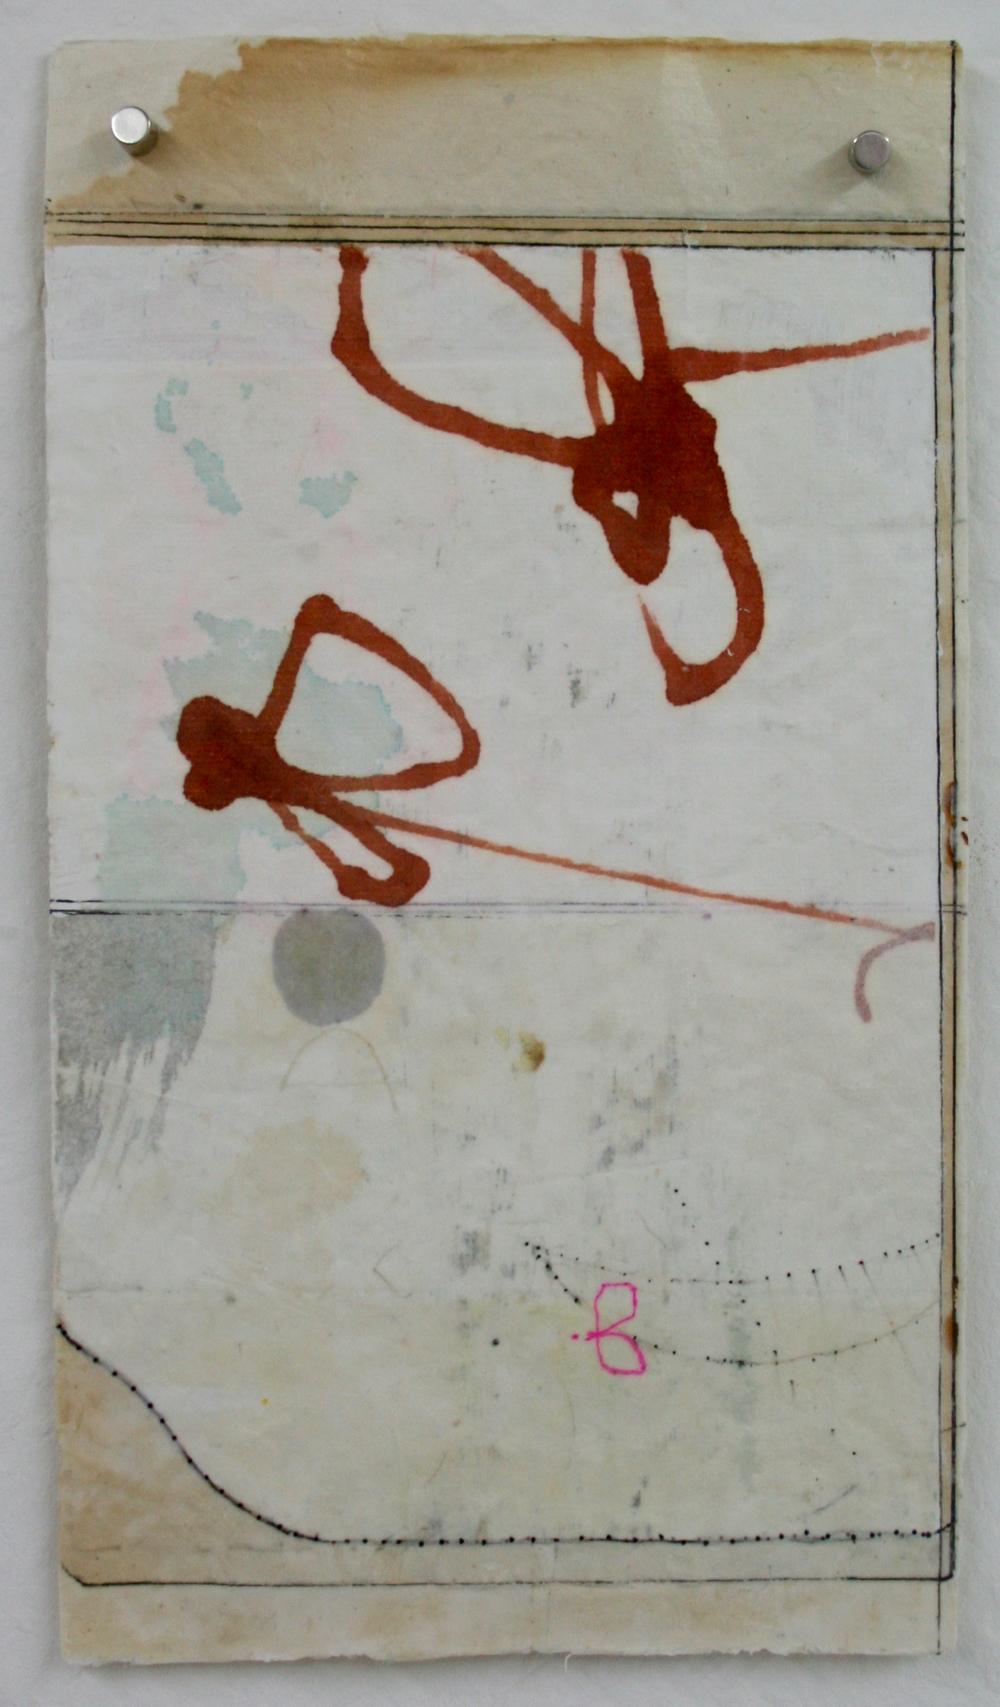 vata XI  mixed media on Tibetan paper  15 x 9  .  .  .